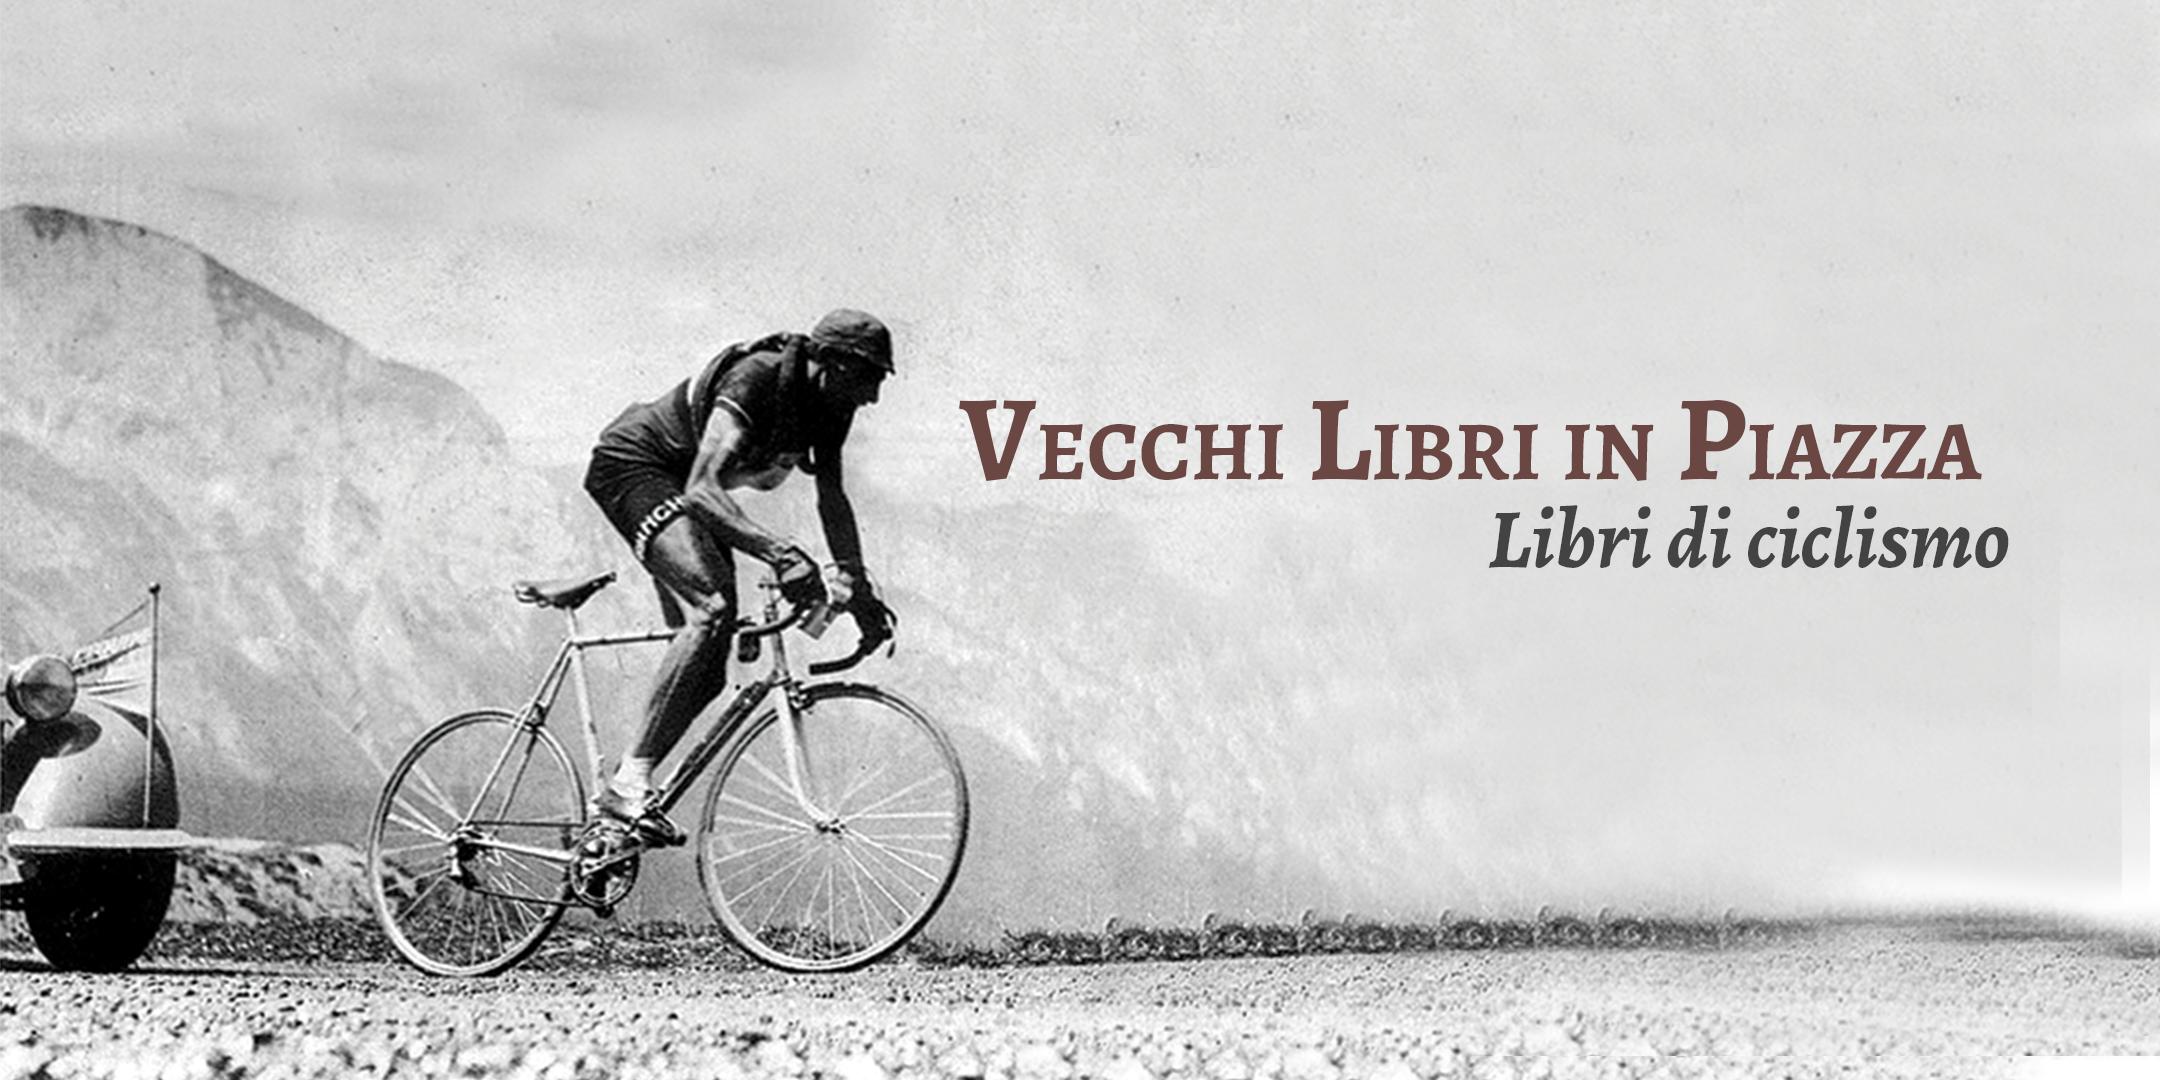 Vecchi Libri in Piazza – I 100 anni di Fausto Coppi. Libri di ciclismo